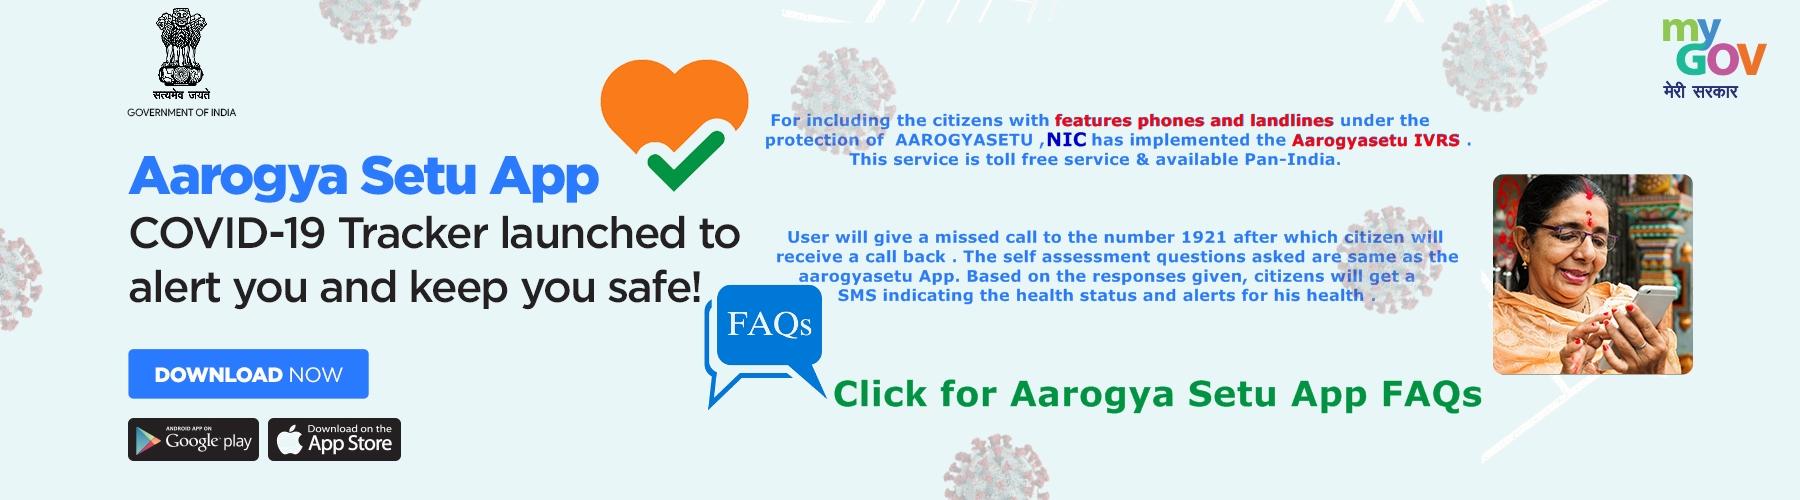 Aarogya Setu FAQs